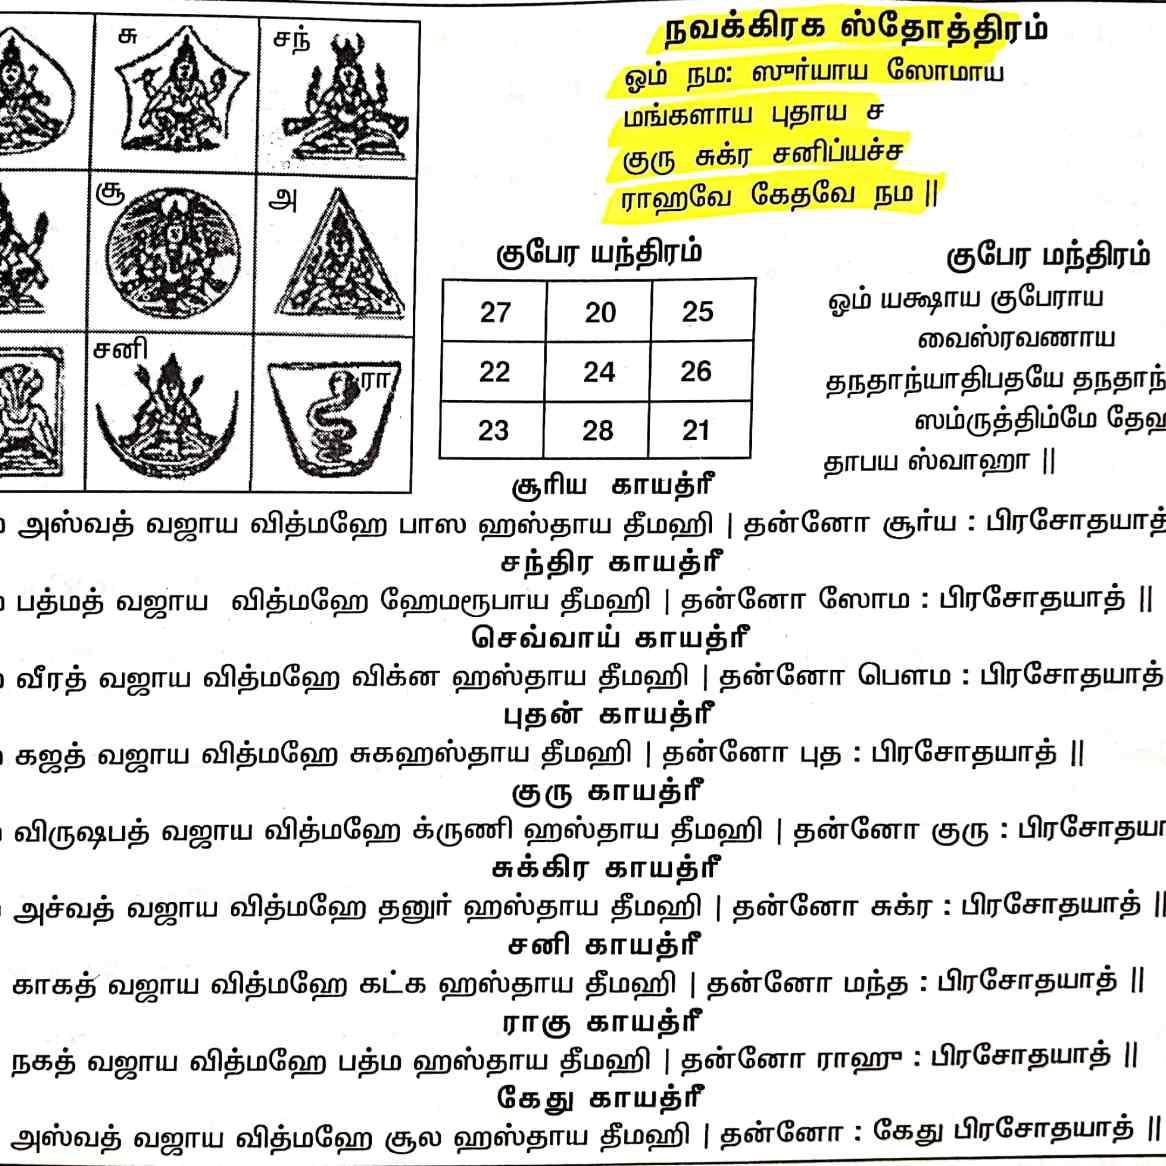 நவகிரக ஸ் தோத்திரம்